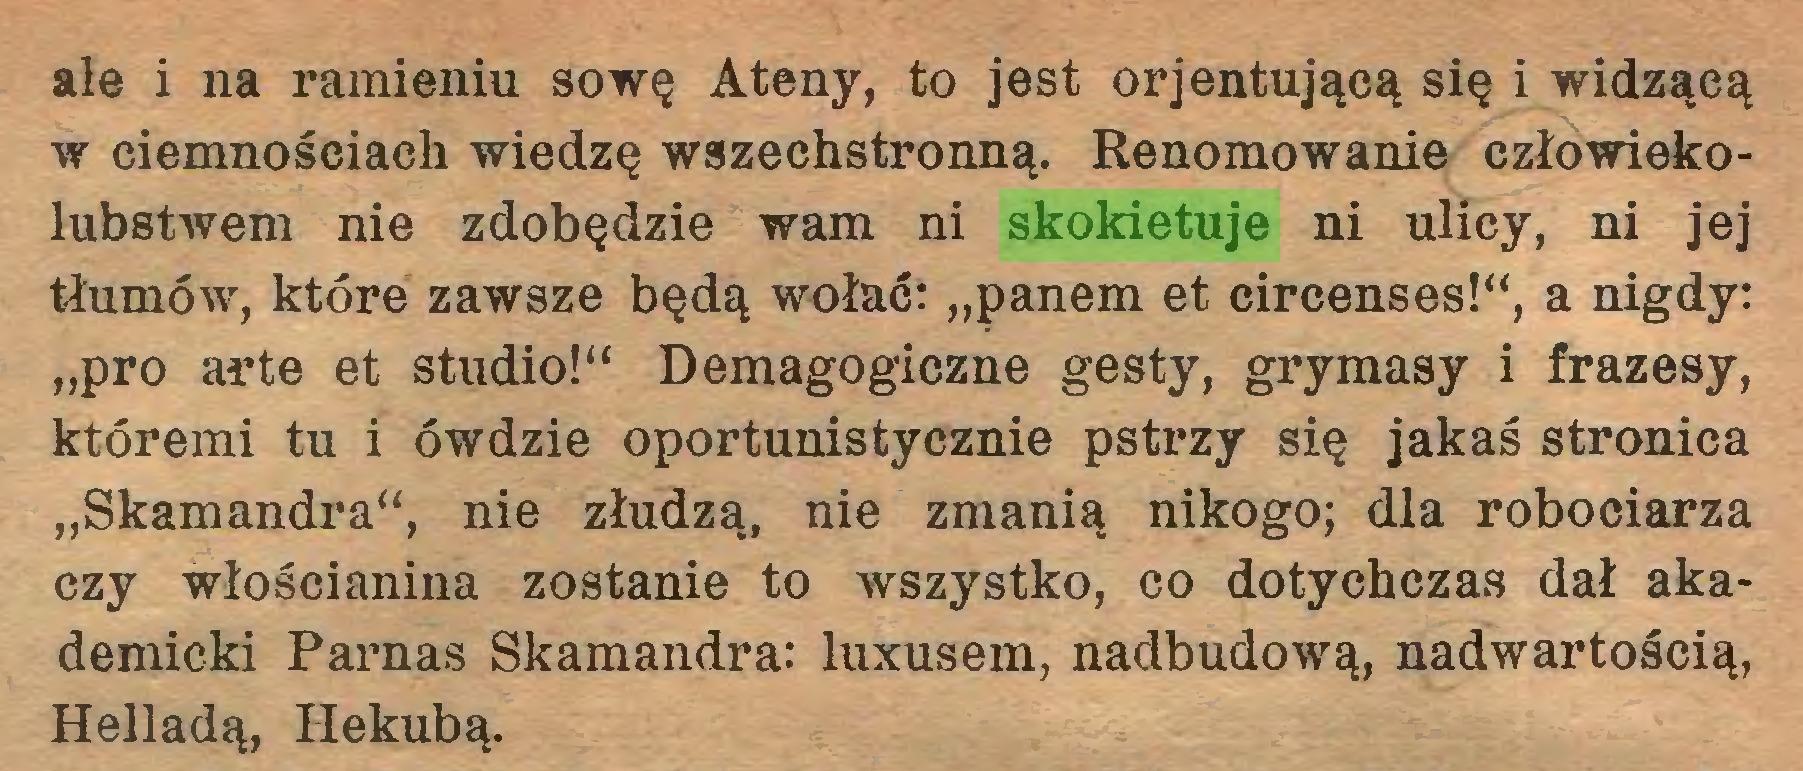 """(...) ale i na ramieniu sowę Ateny, to jest orjentująeą się i widzącą w ciemnościach wiedzę wszechstronną. Renomowanie człowiekołubstwem nie zdobędzie wam ni skokietuje ni ulicy, ni jej tłumów, które zawsze będą wołać: """"panem et circenses!"""", a nigdy: """"pro arte et studio!"""" Demagogiczne gesty, grymasy i frazesy, któremi tu i ówdzie oportunistycznie pstrzy się jakaś stronica """"Skamandra"""", nie złudzą, nie zmanią nikogo; dla robociarza czy włościanina zostanie to wszystko, co dotychczas dał akademicki Parnas Skamandra: luxusem, nadbudową, nadwartością, Helladą, Hekubą..."""